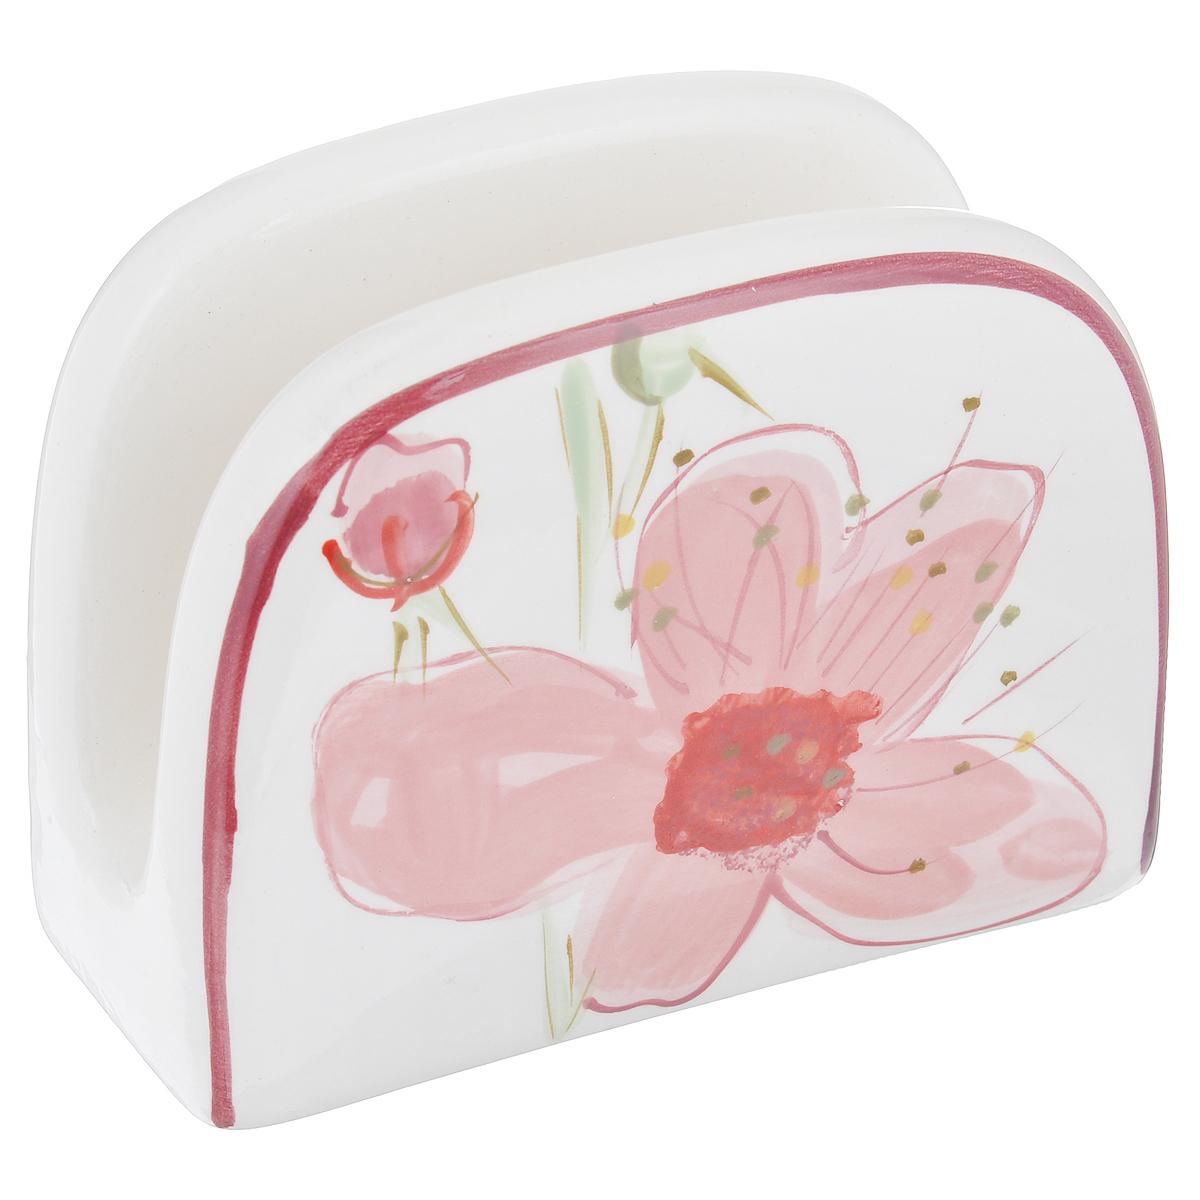 Подставка для салфеток ВишняВ62827АПодставка для салфеток Вишня станет оригинальным украшением стола. Изделие выполнено из высококачественной керамики, покрытой слоем сверкающей глазури. Подставка декорирована изображением цветков вишни. Такая подставка красиво оформит стол и создаст особое настроение. Размер подставки: 13,5 см х 10 см х 6 см. Можно мыть в посудомоечной машине.